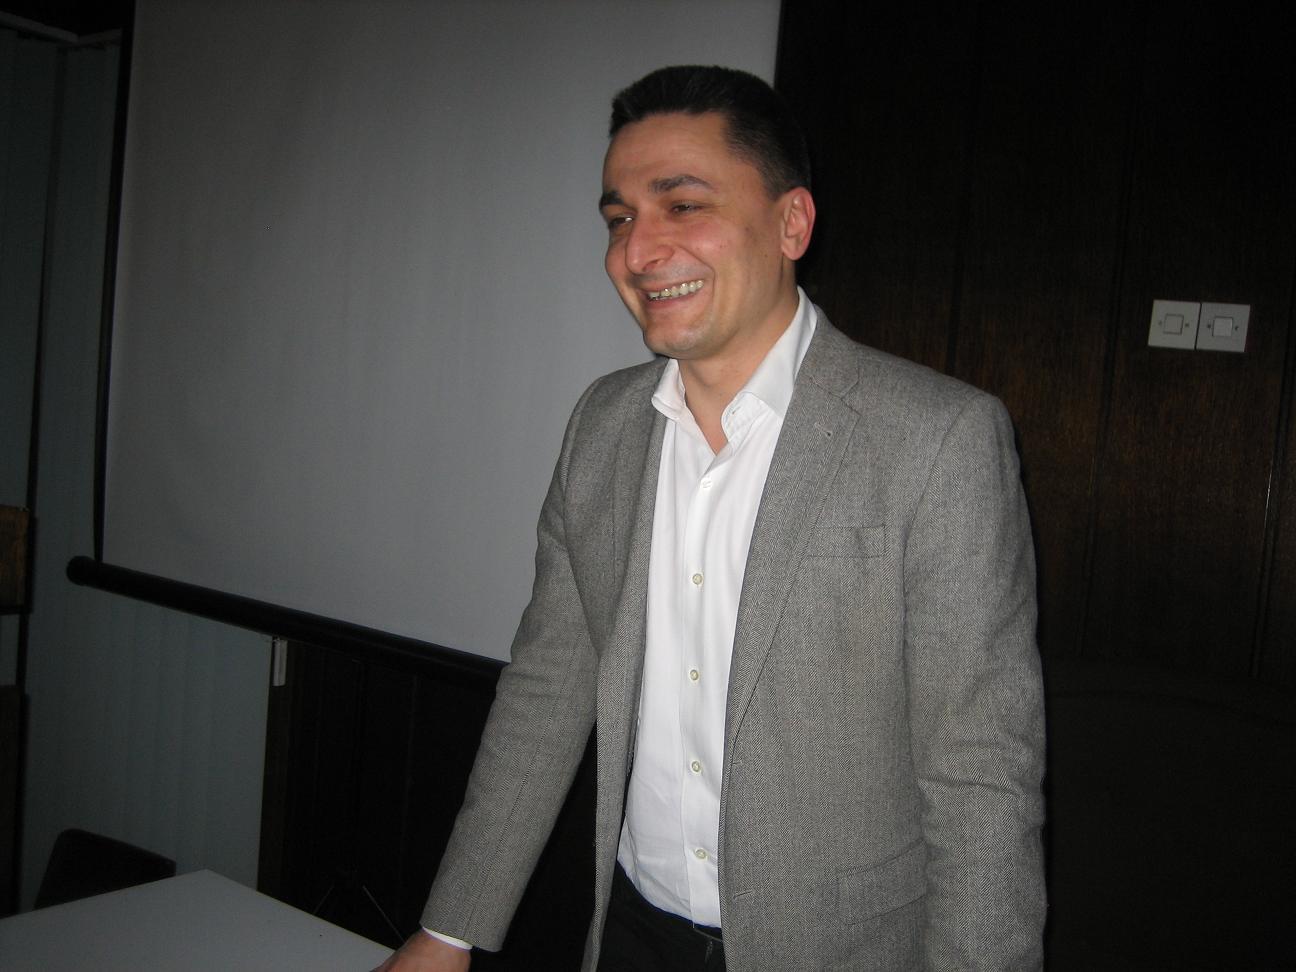 Bane Kuzmanović